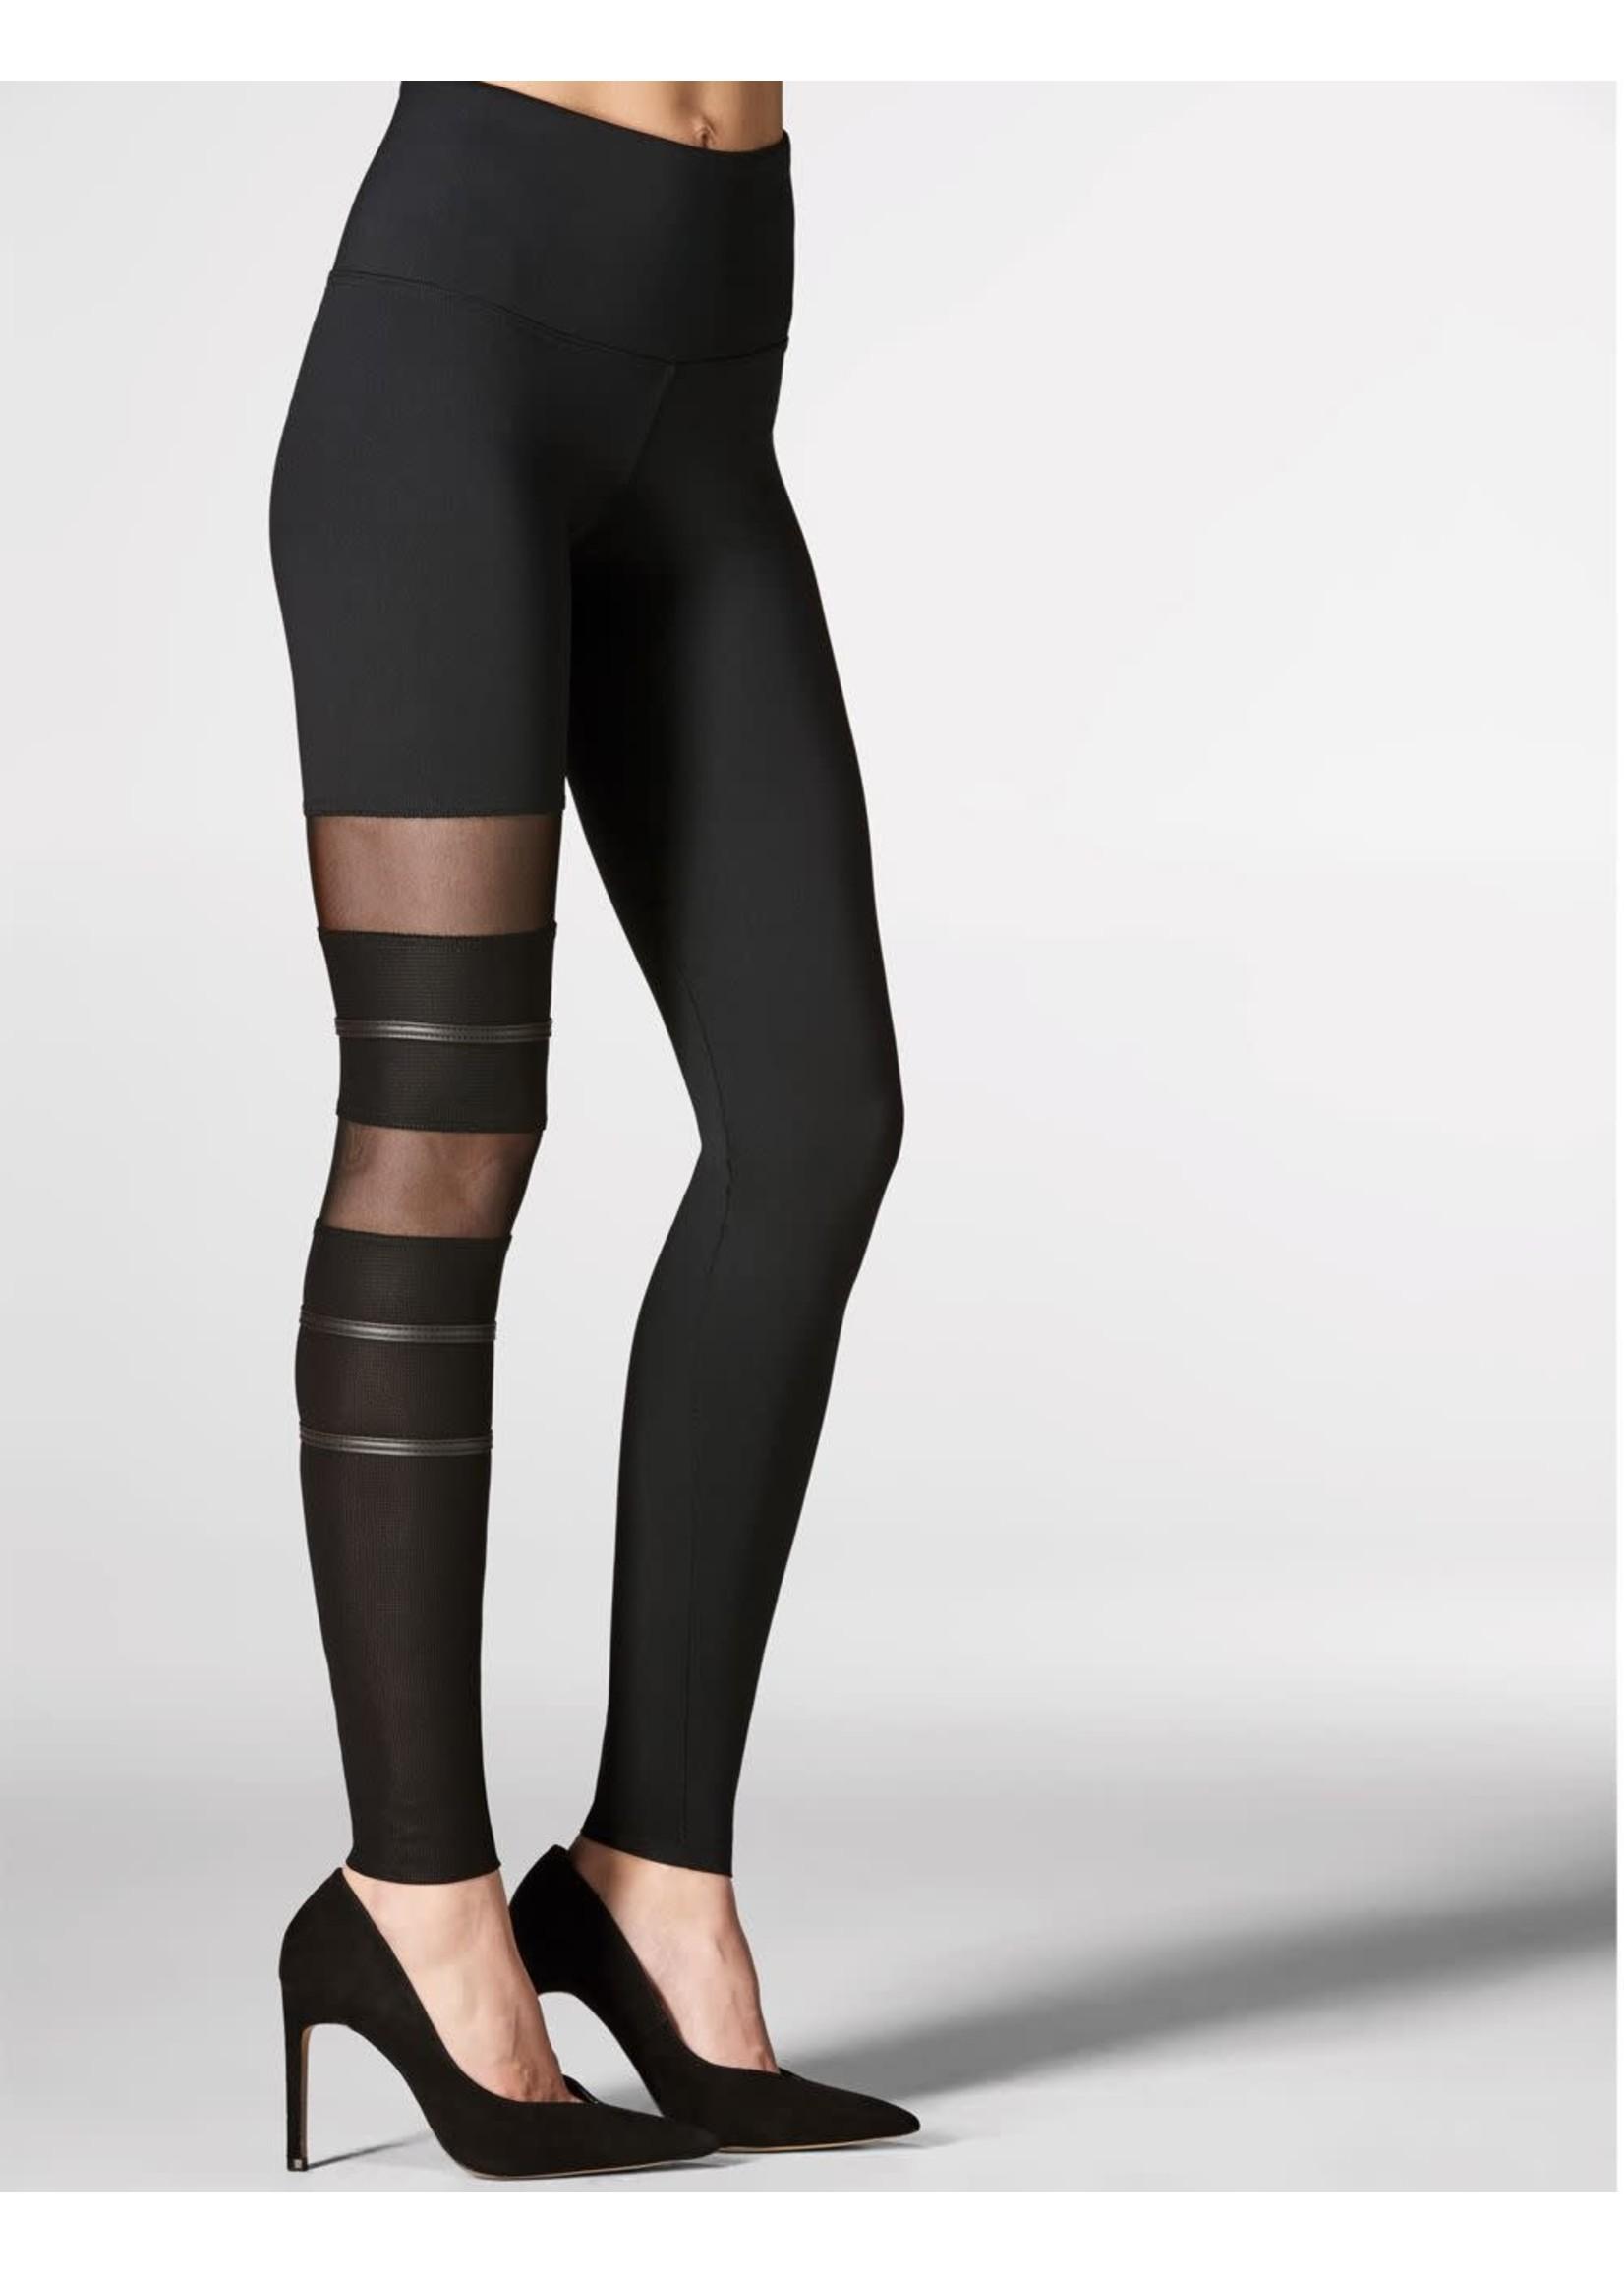 Mondor  Legging avec insertion de résille sur une jambe - Mondor 5667